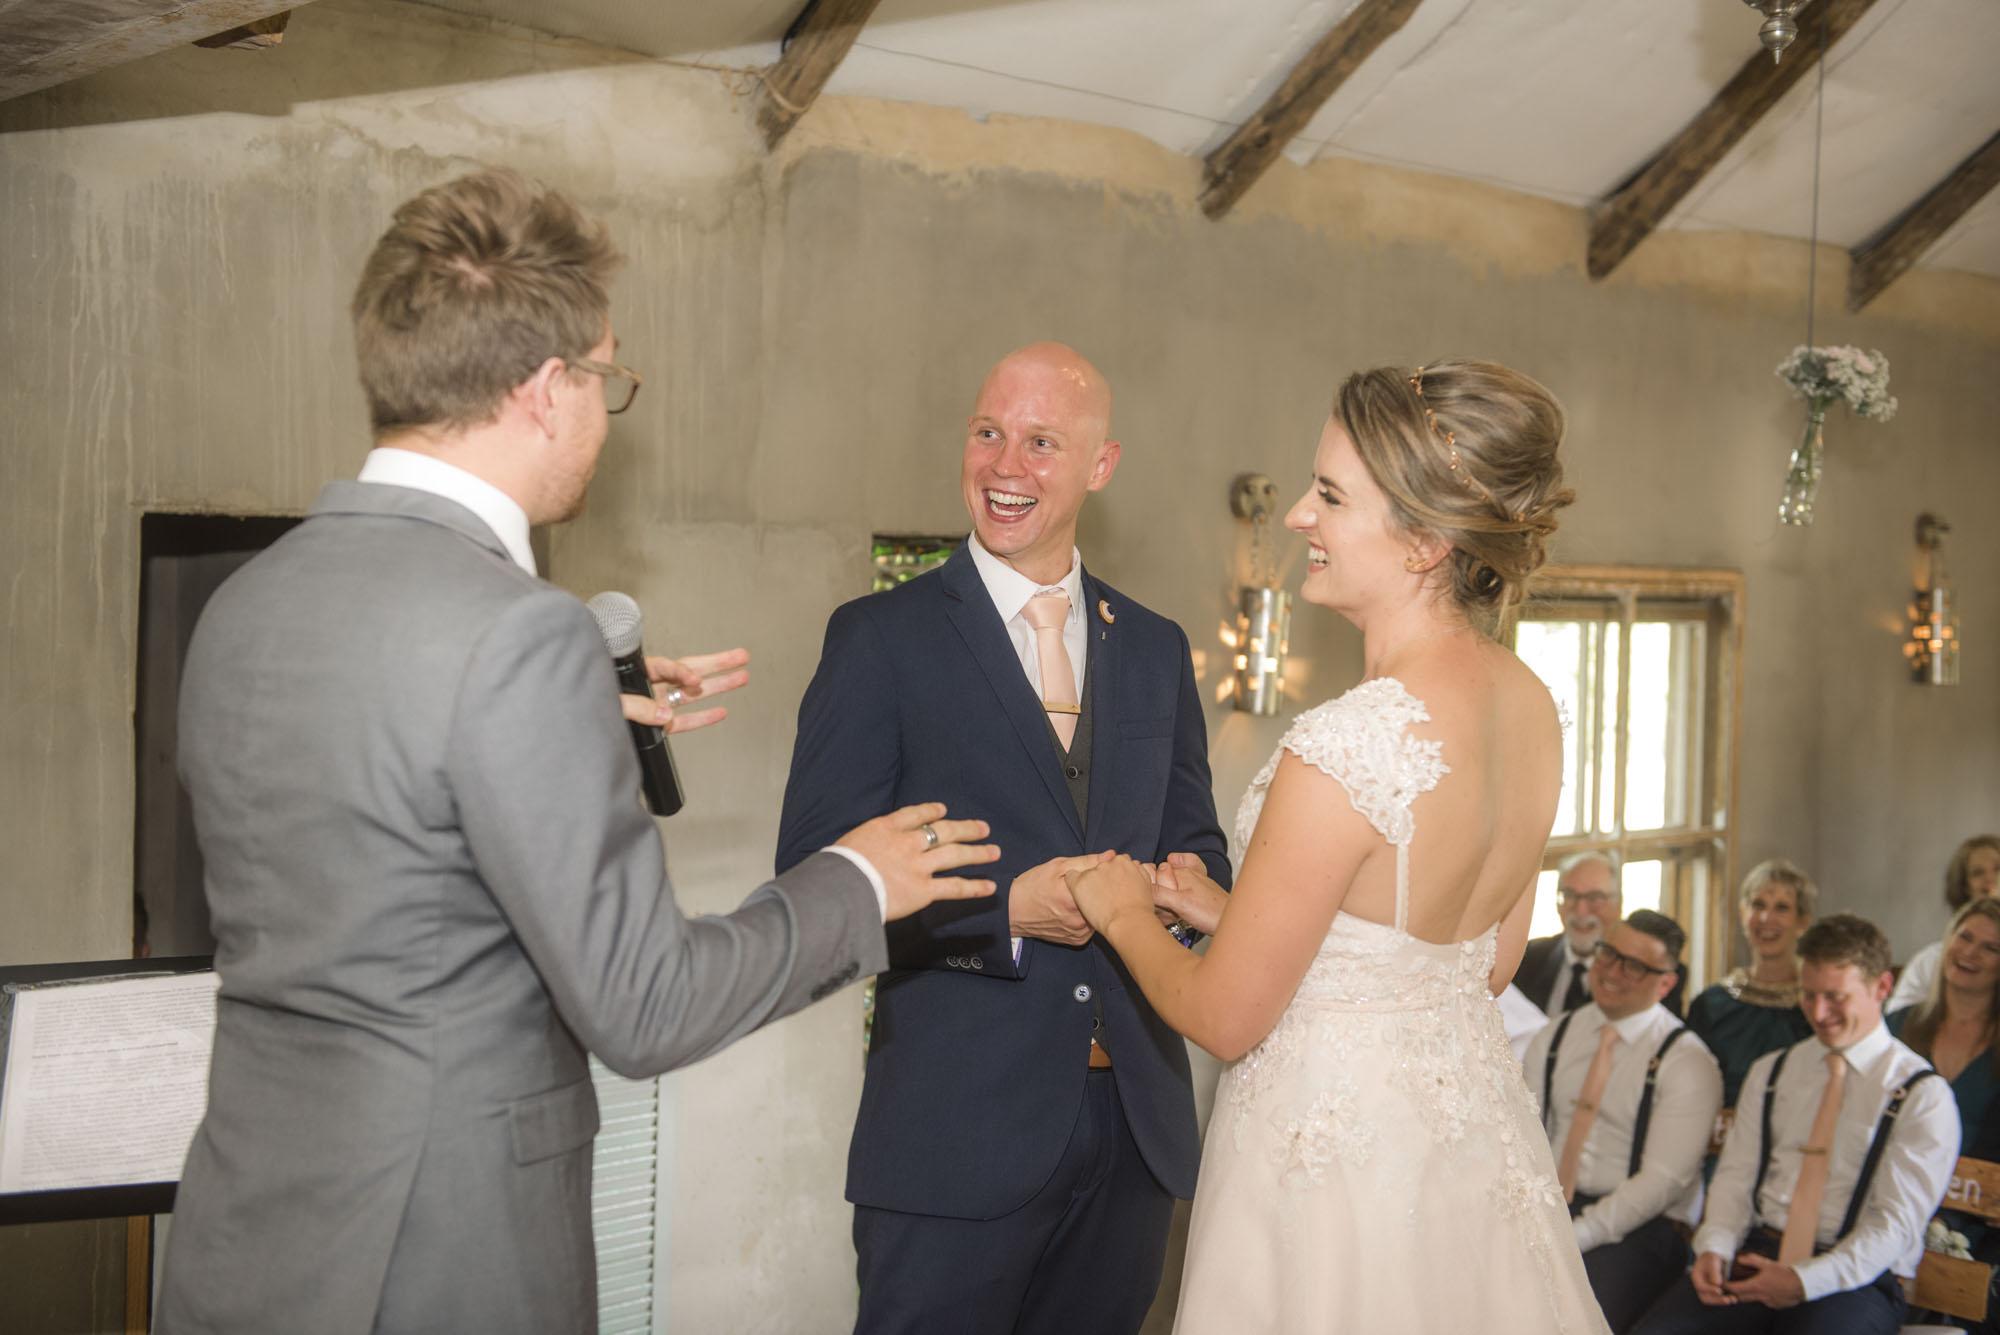 092a-pretoria-wedding-photographers092a-pretoria-wedding-photographers_a.jpg